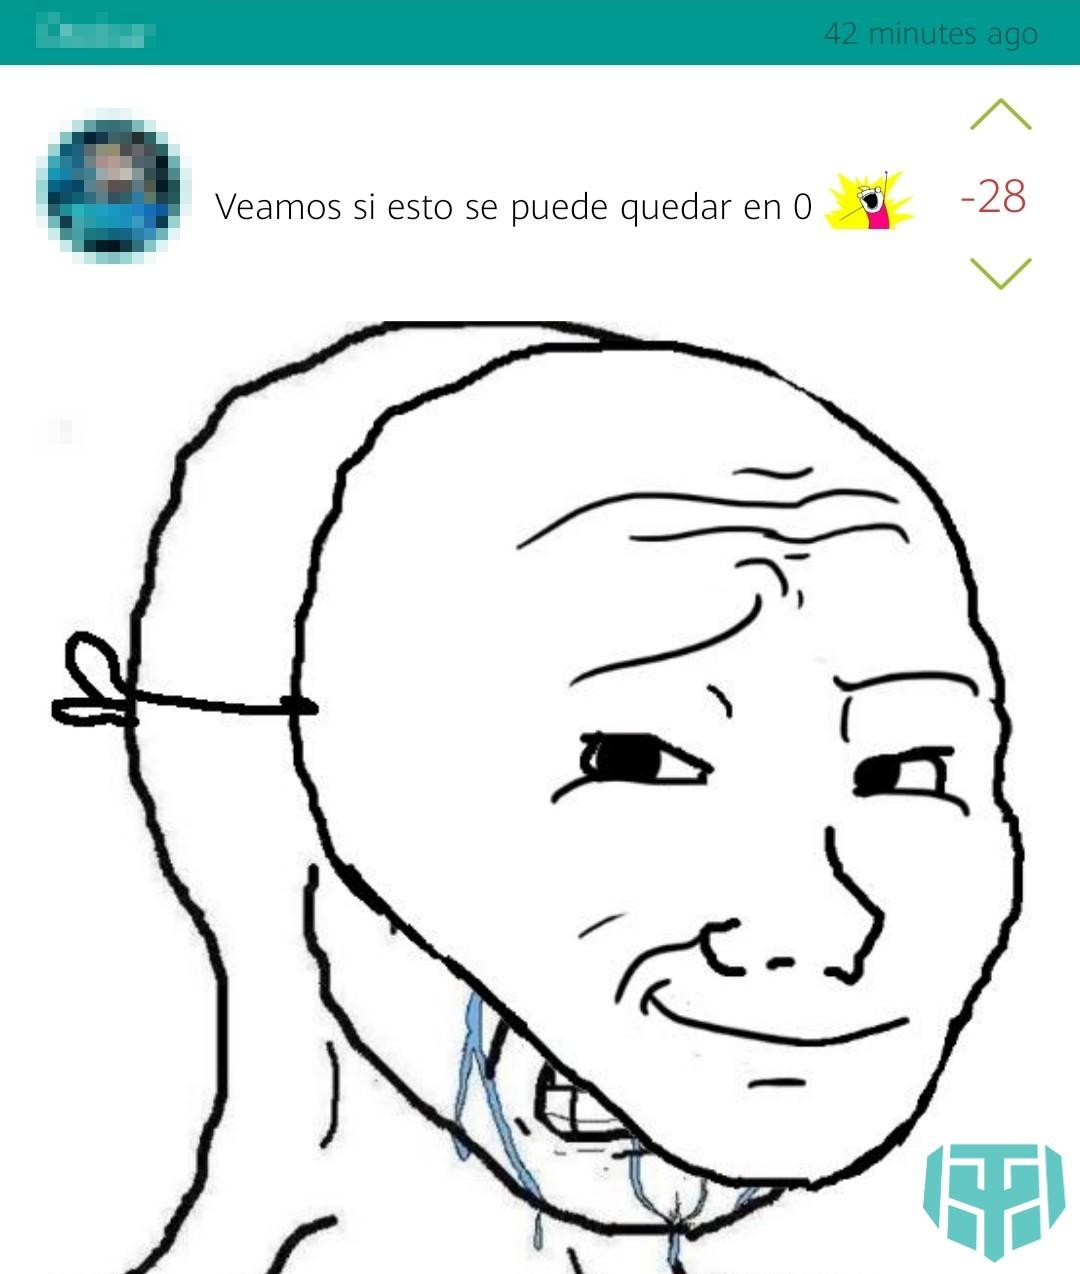 Pucha mi compare - meme